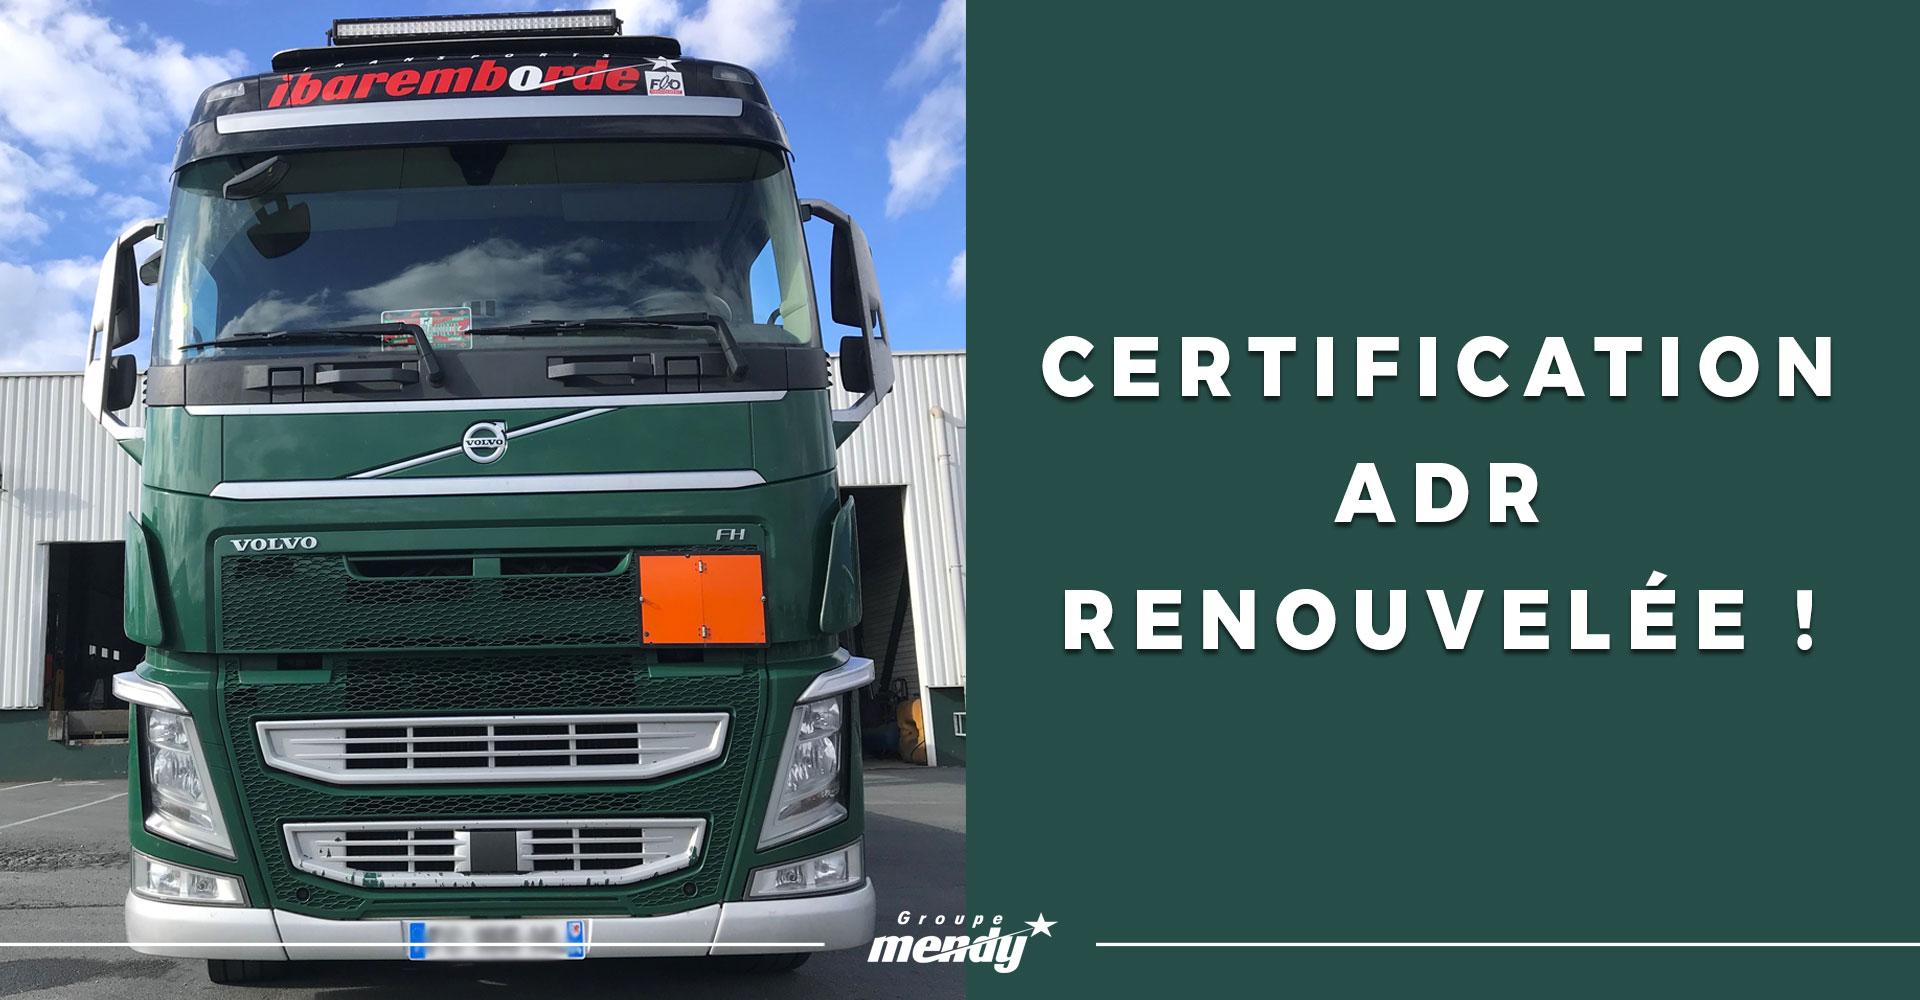 Certification ADR renouvelée pour les Transports Ibaremborde